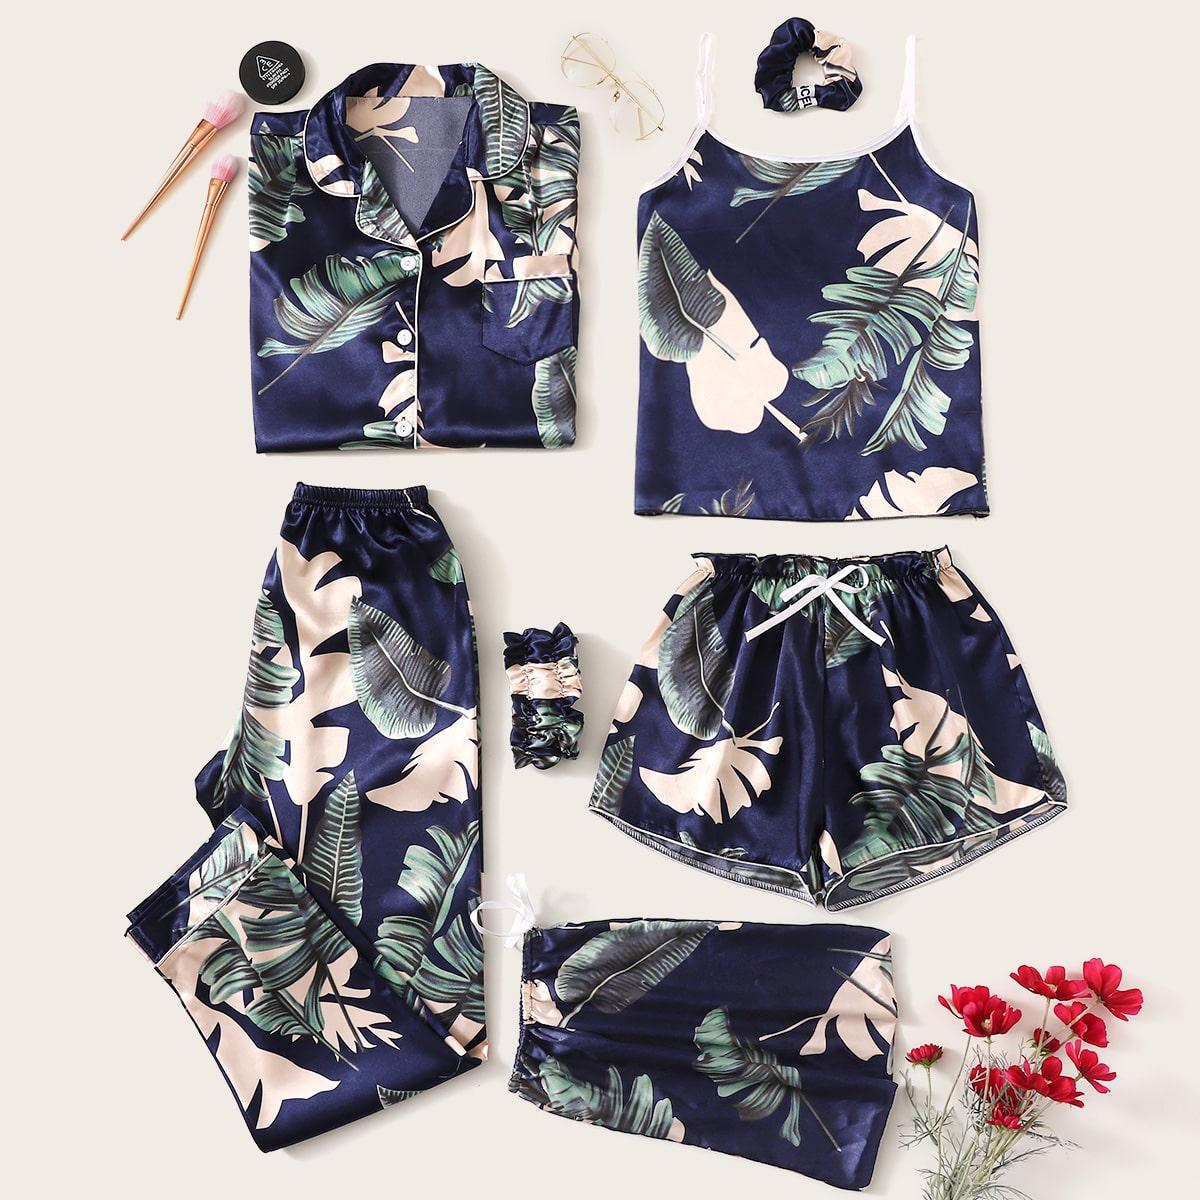 Комплект Атласная пижама С Тропическим Принтом 7 предметов от SHEIN